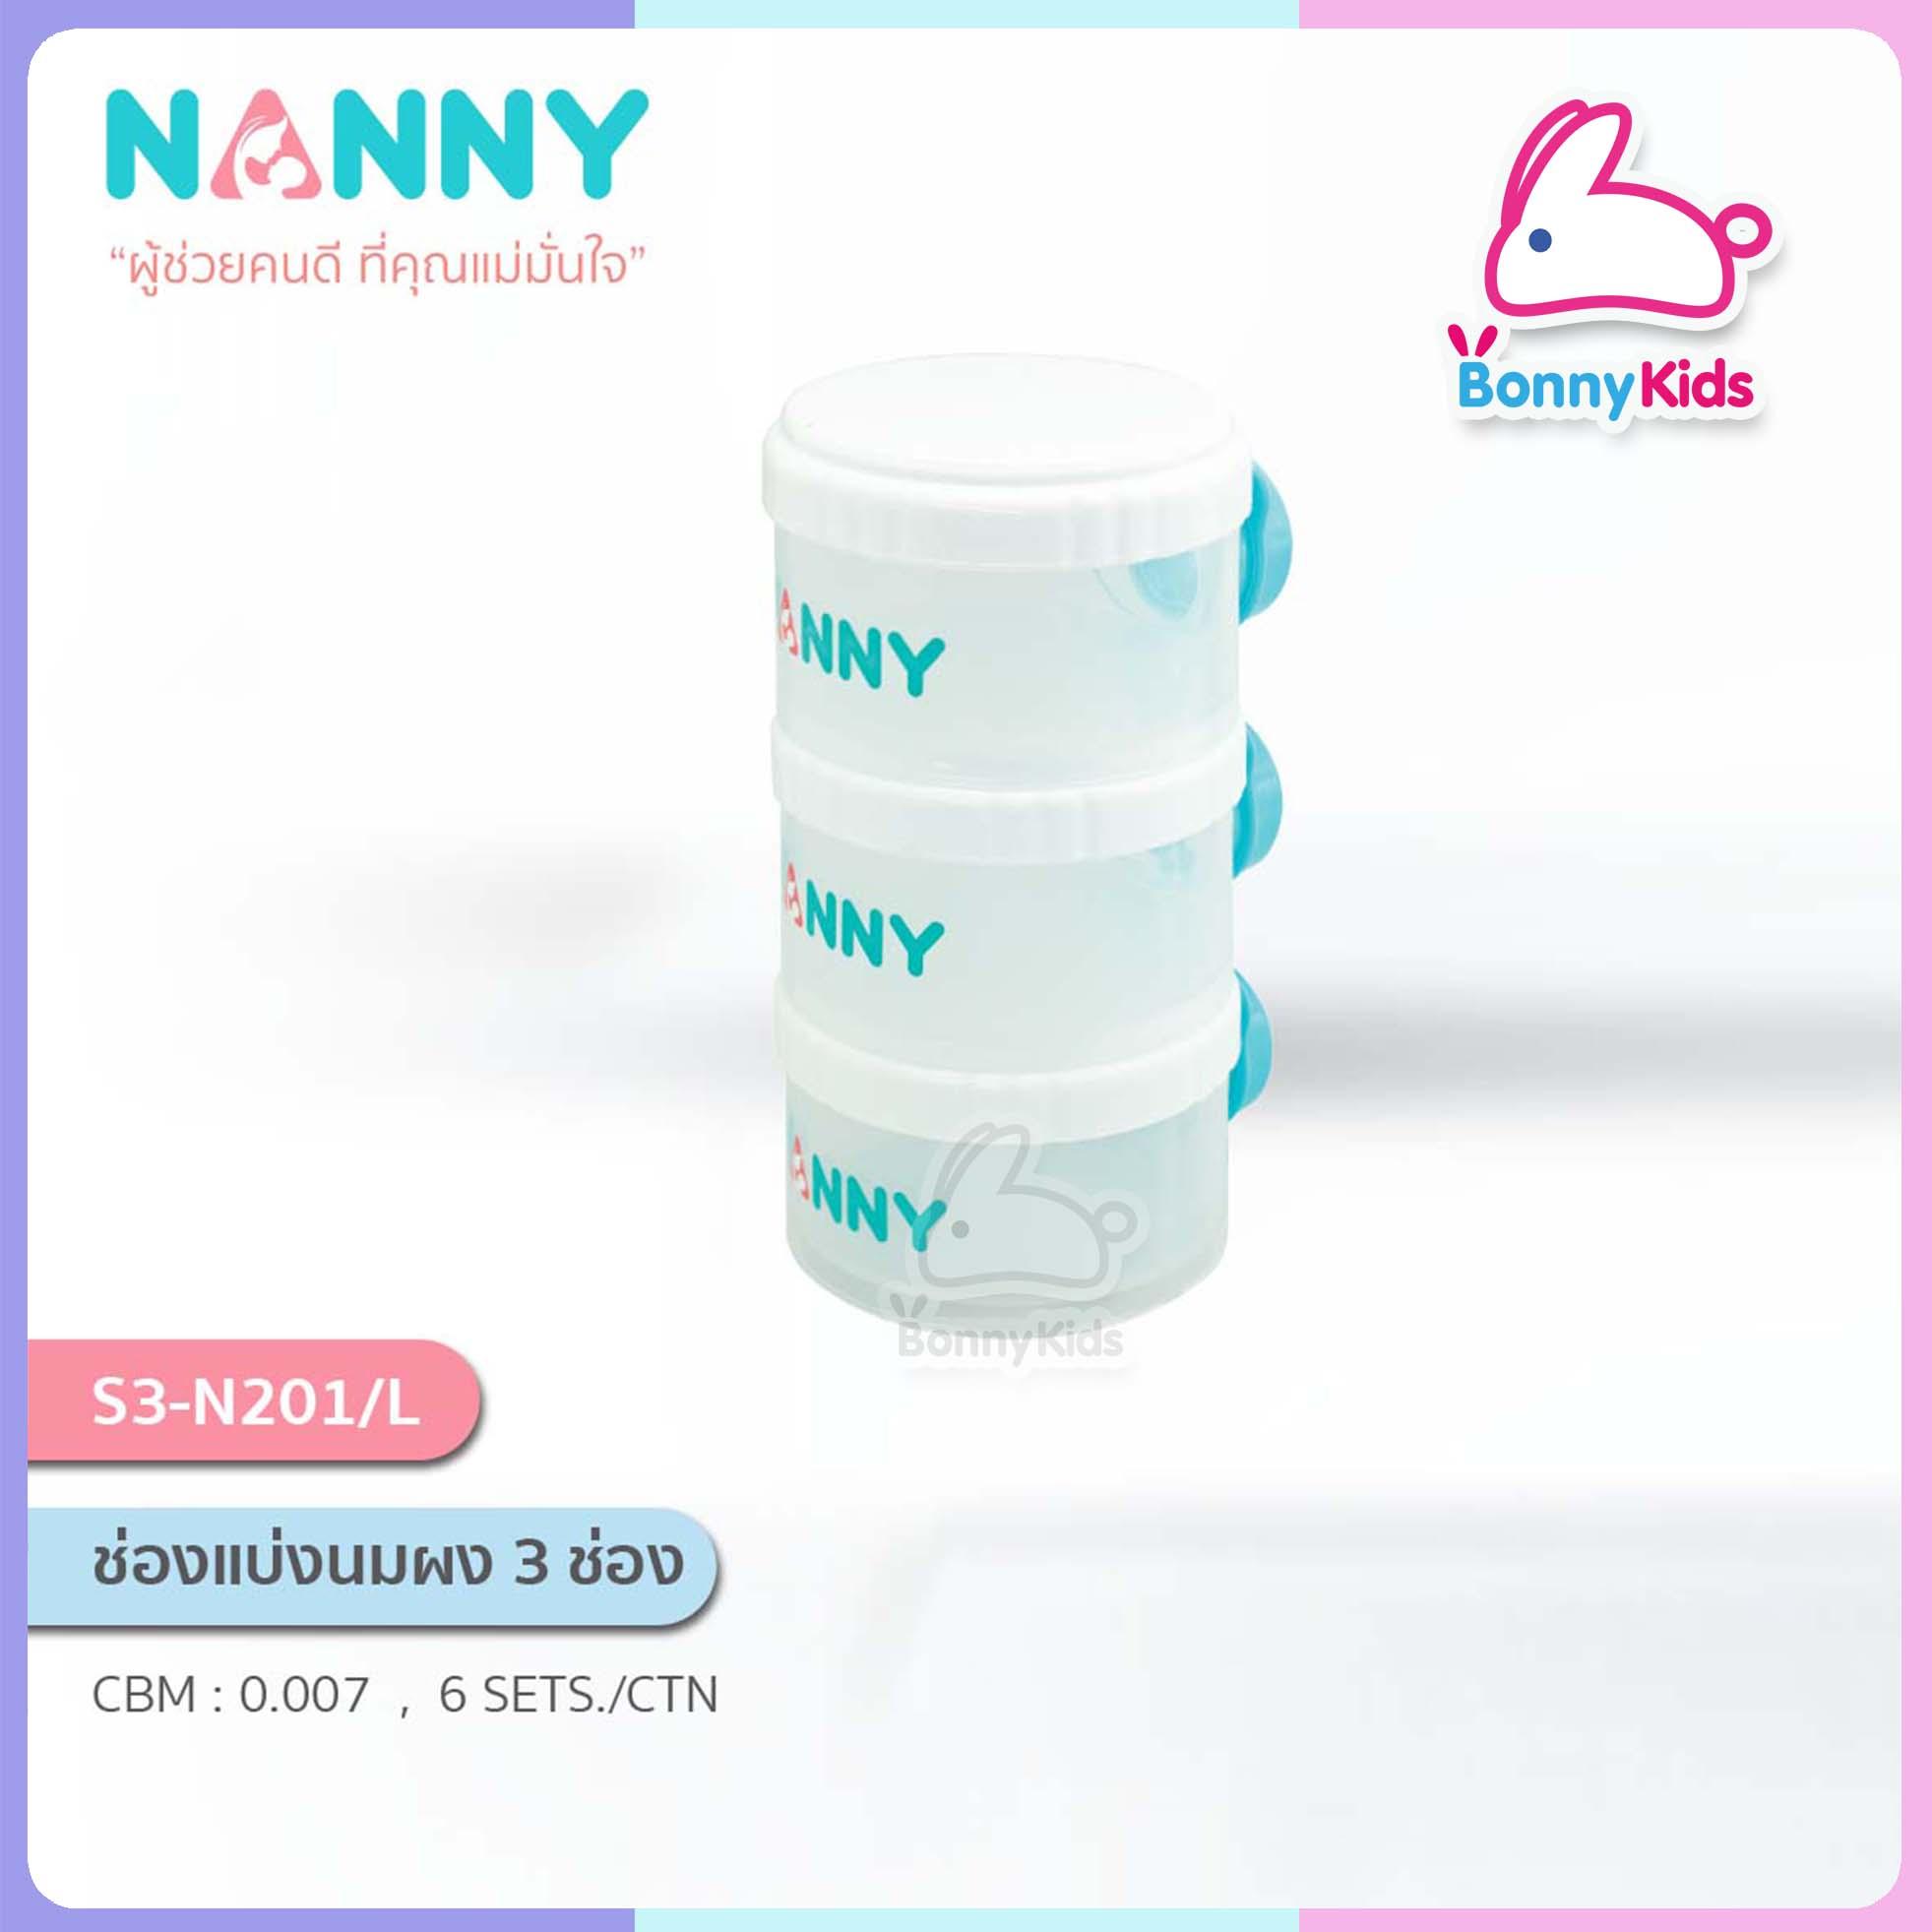 กระปุกแบ่งนมผง 3 ชั้น NANNY